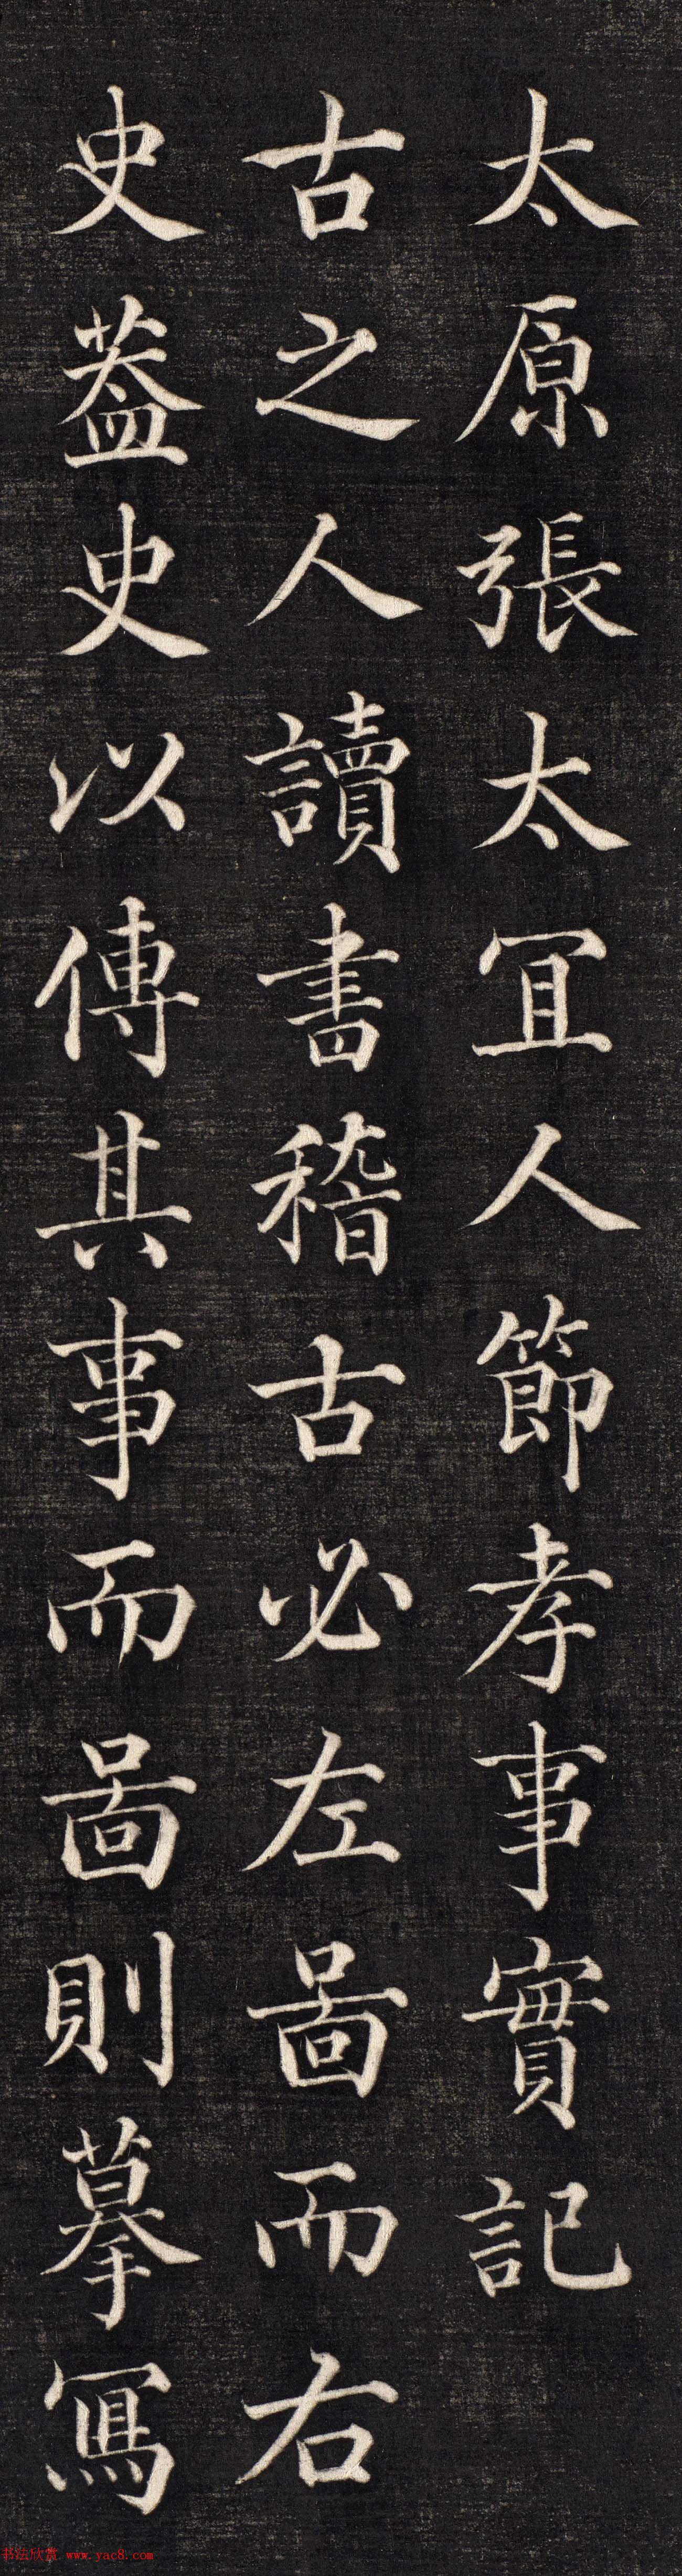 石韫玉楷书《太原张太宜人节孝事实记》